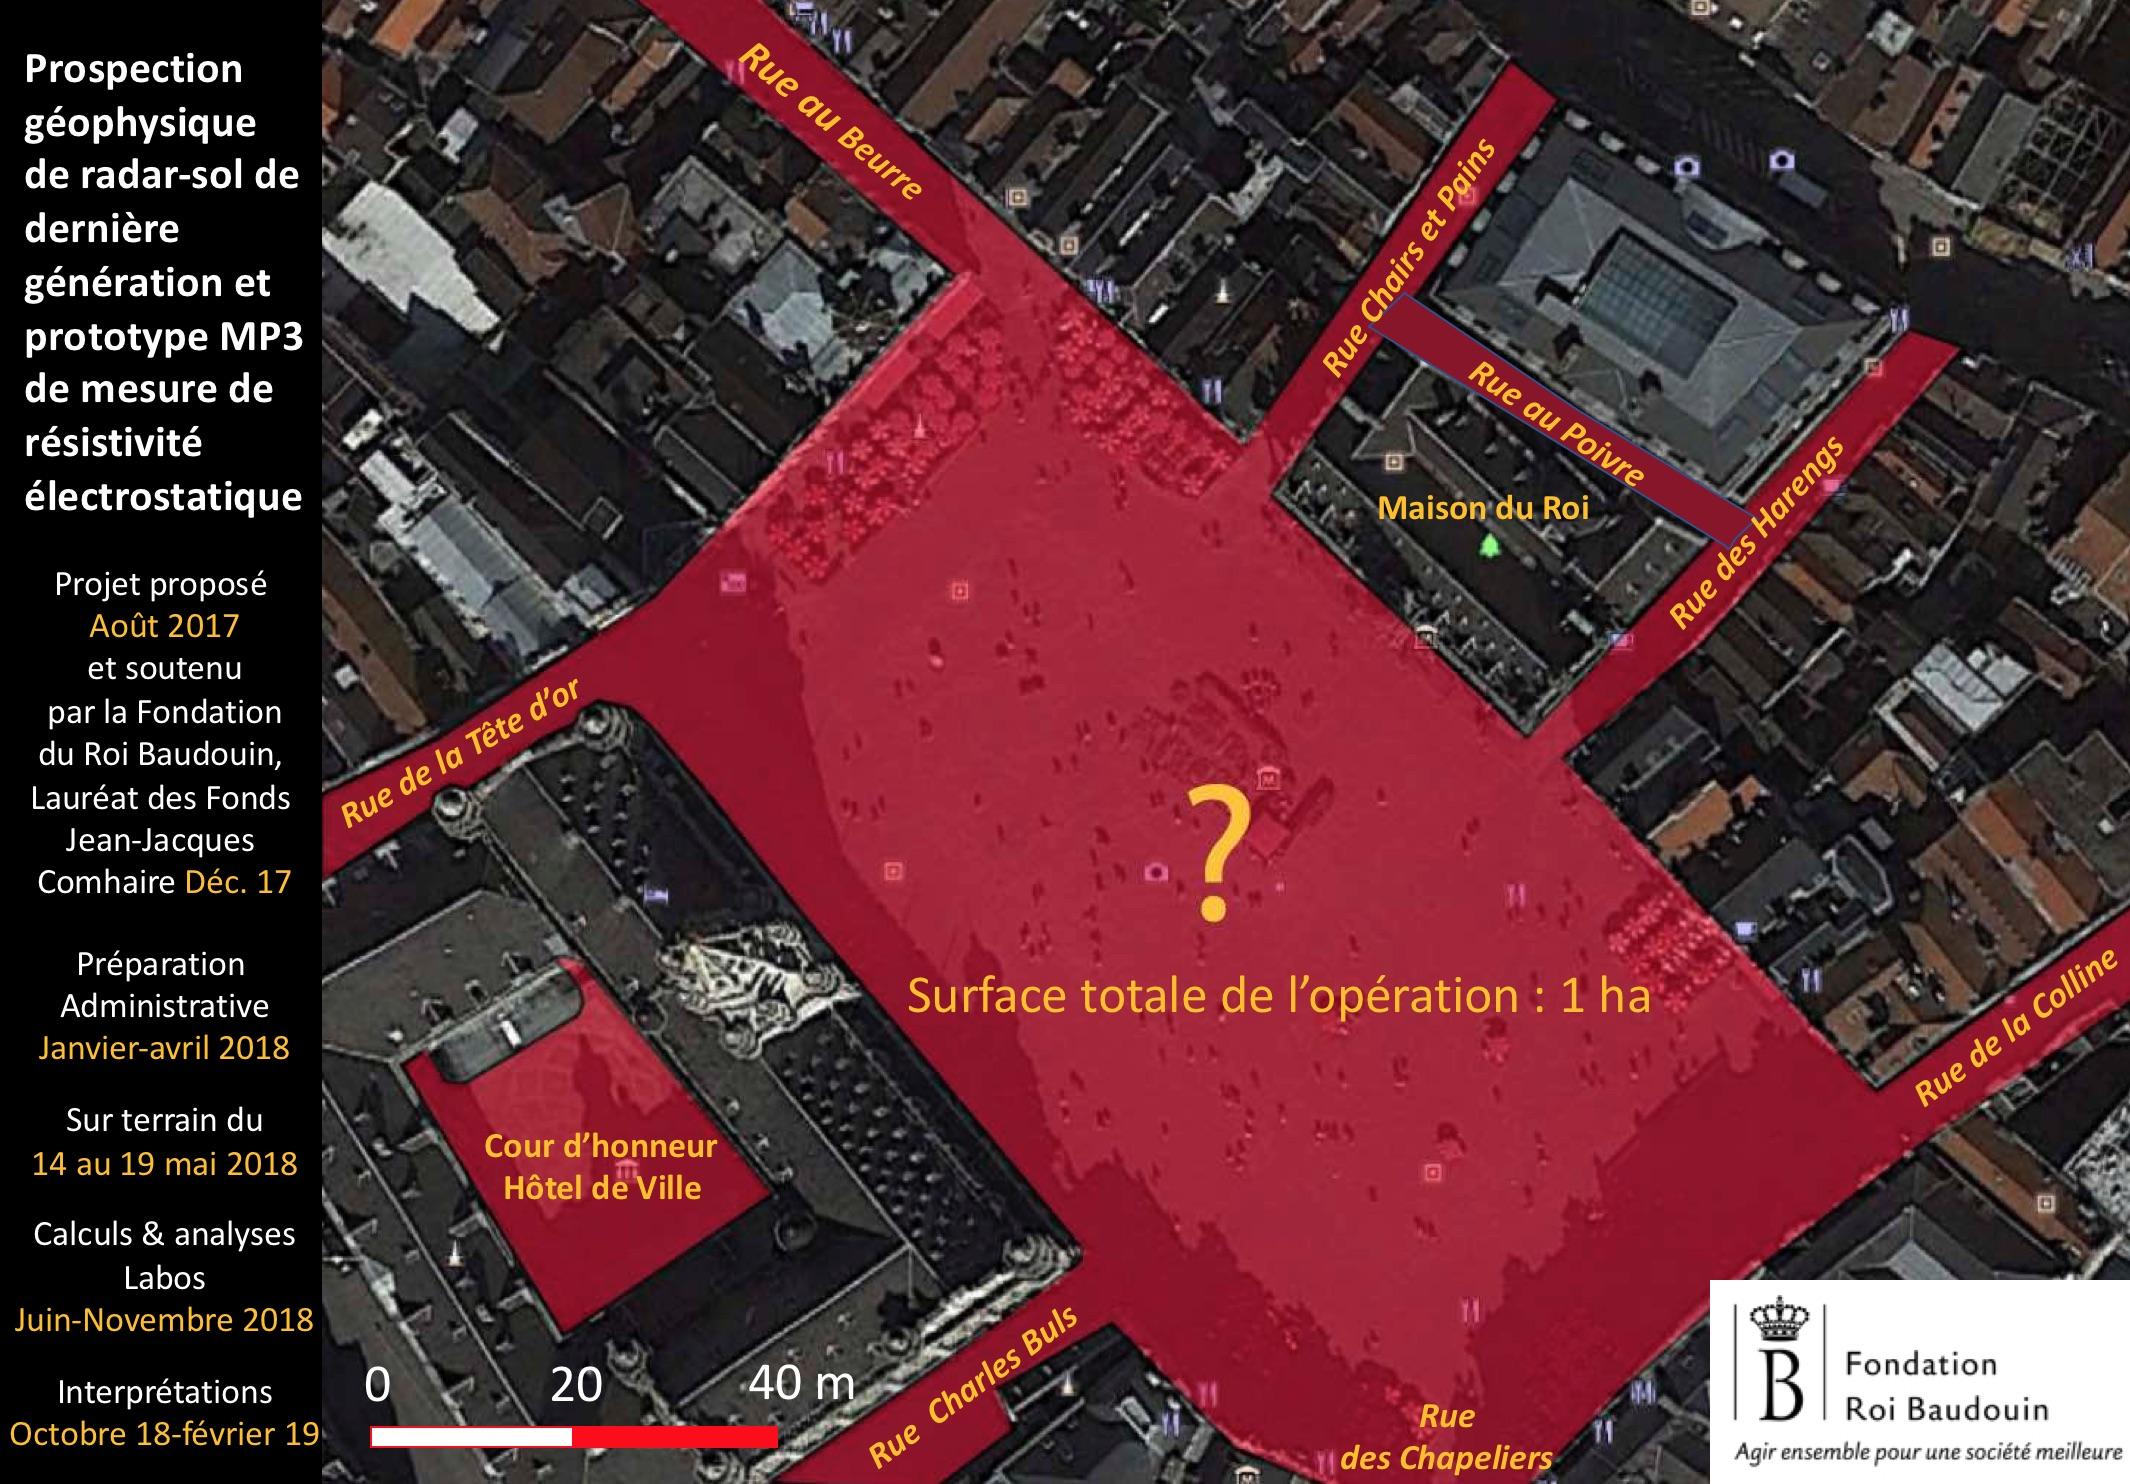 La Grand-Place de Bruxelles, la cour de l'Hôtel de Ville et les rues voisines ont été auscultées par l'équipe d'archéologues et leur radar de sol. © François Blary